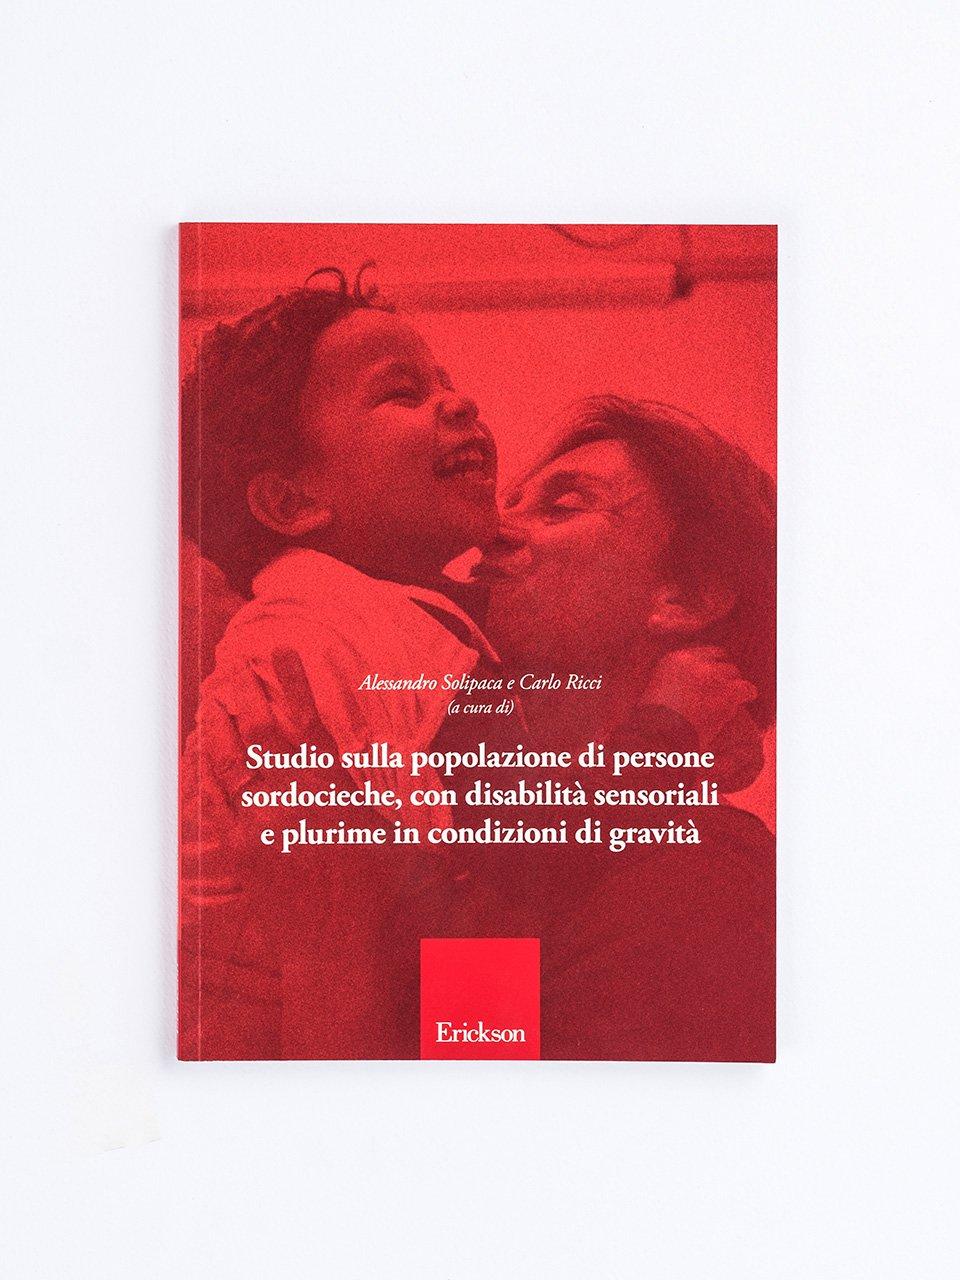 Studio sulla popolazione di persone sordocieche, con disabilità sensoriale e plurime in condizioni di gravità - Marilù e i 5 sensi - App e software - Erickson